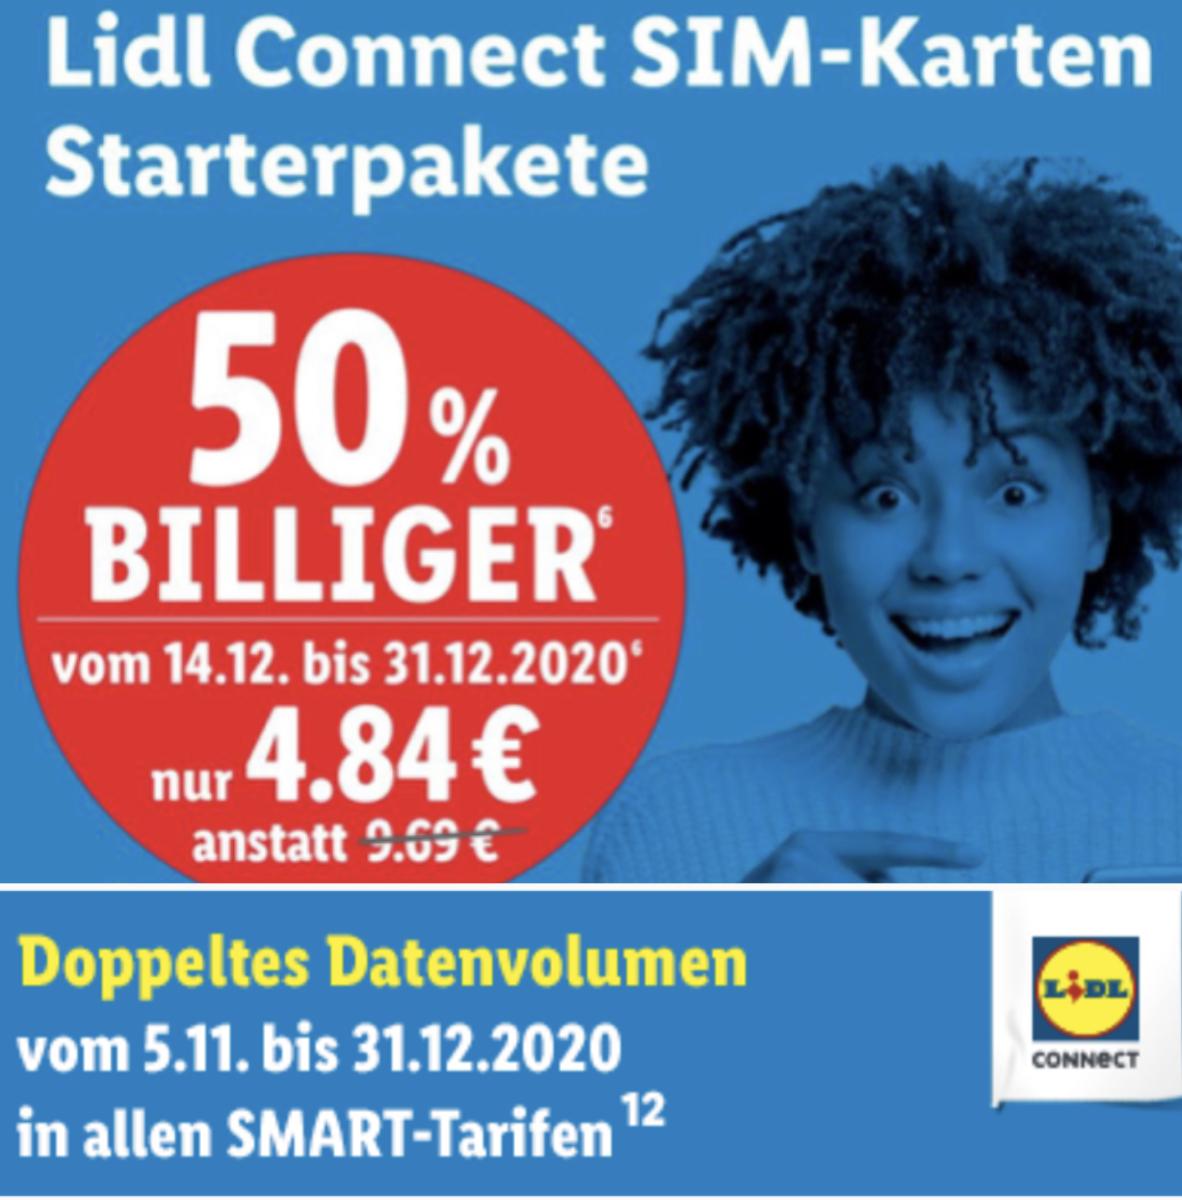 Lidl: 50% Rabatt auf Lidl Connect Starterpakete inkl. 10€ Startguthaben + Doppeltes Datenvolumen 3 x 4 Wochen / Online u. in den Filialen